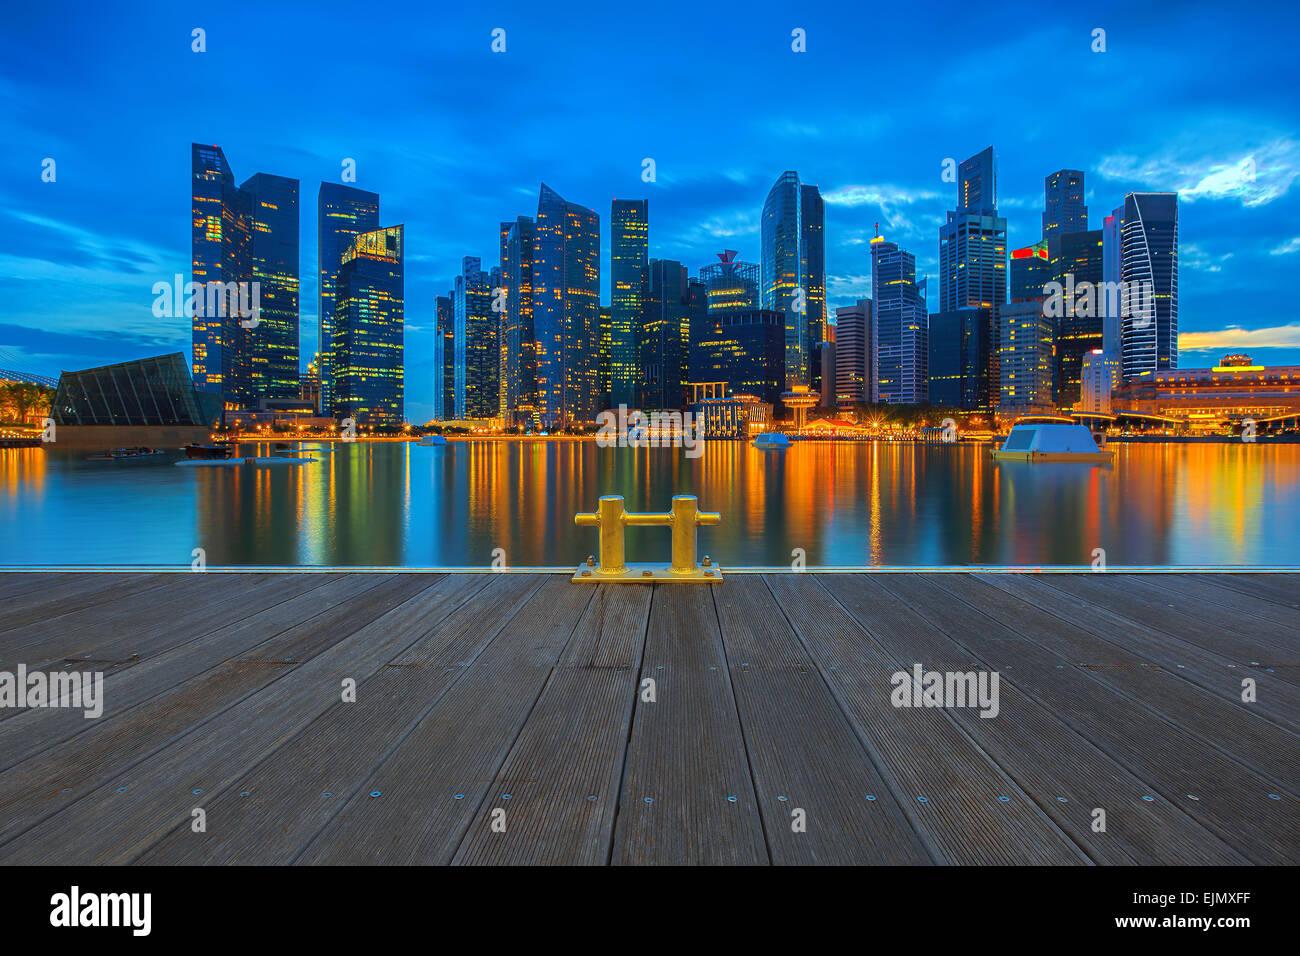 El horizonte de la ciudad de Singapur visto desde el muelle Imagen De Stock